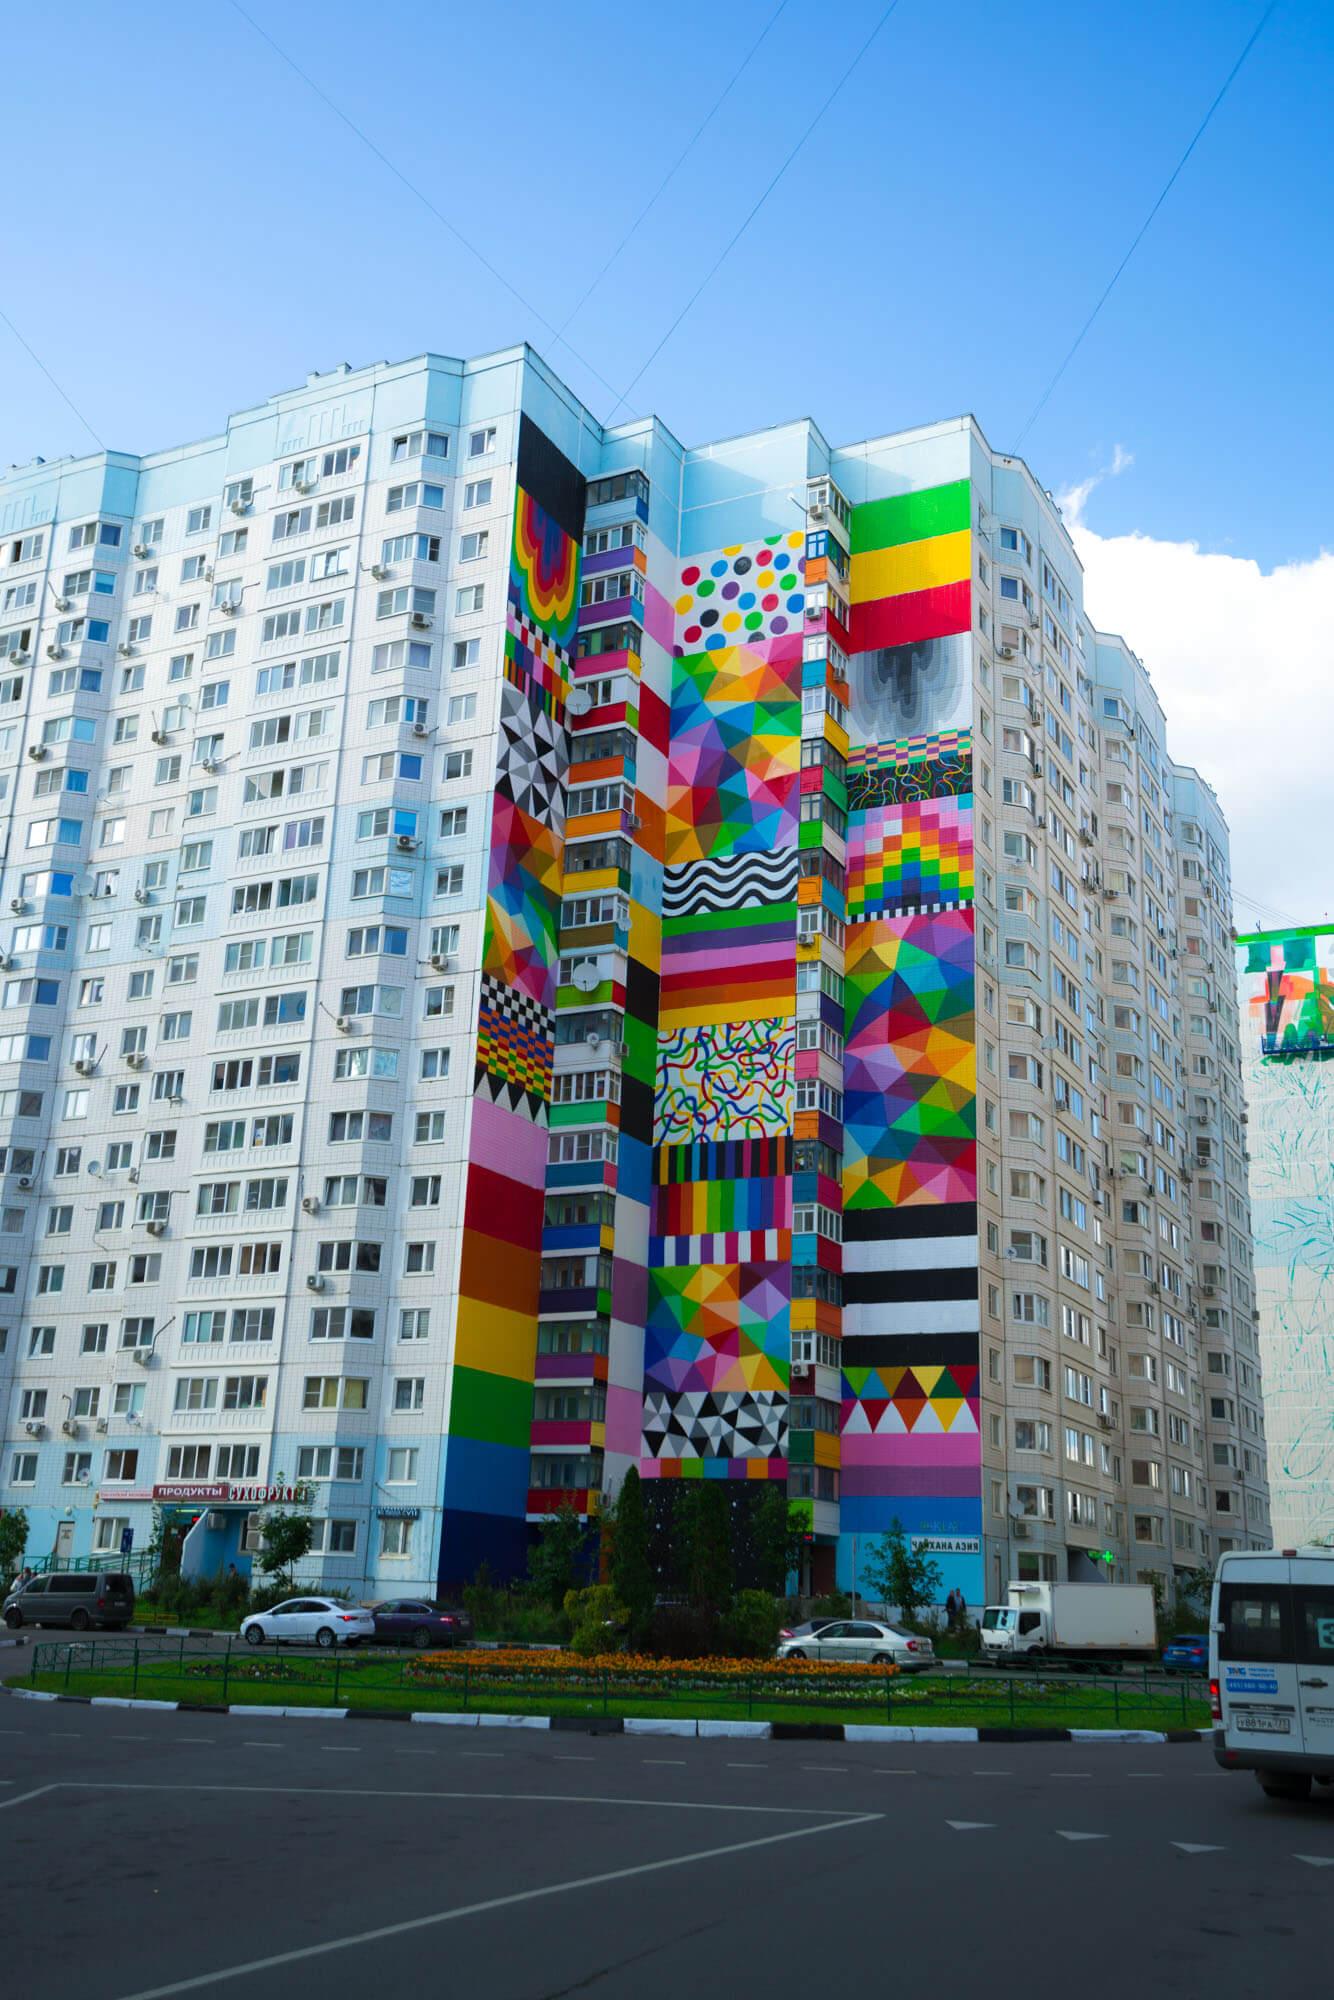 Urban Morphogenesis Street Art Festival